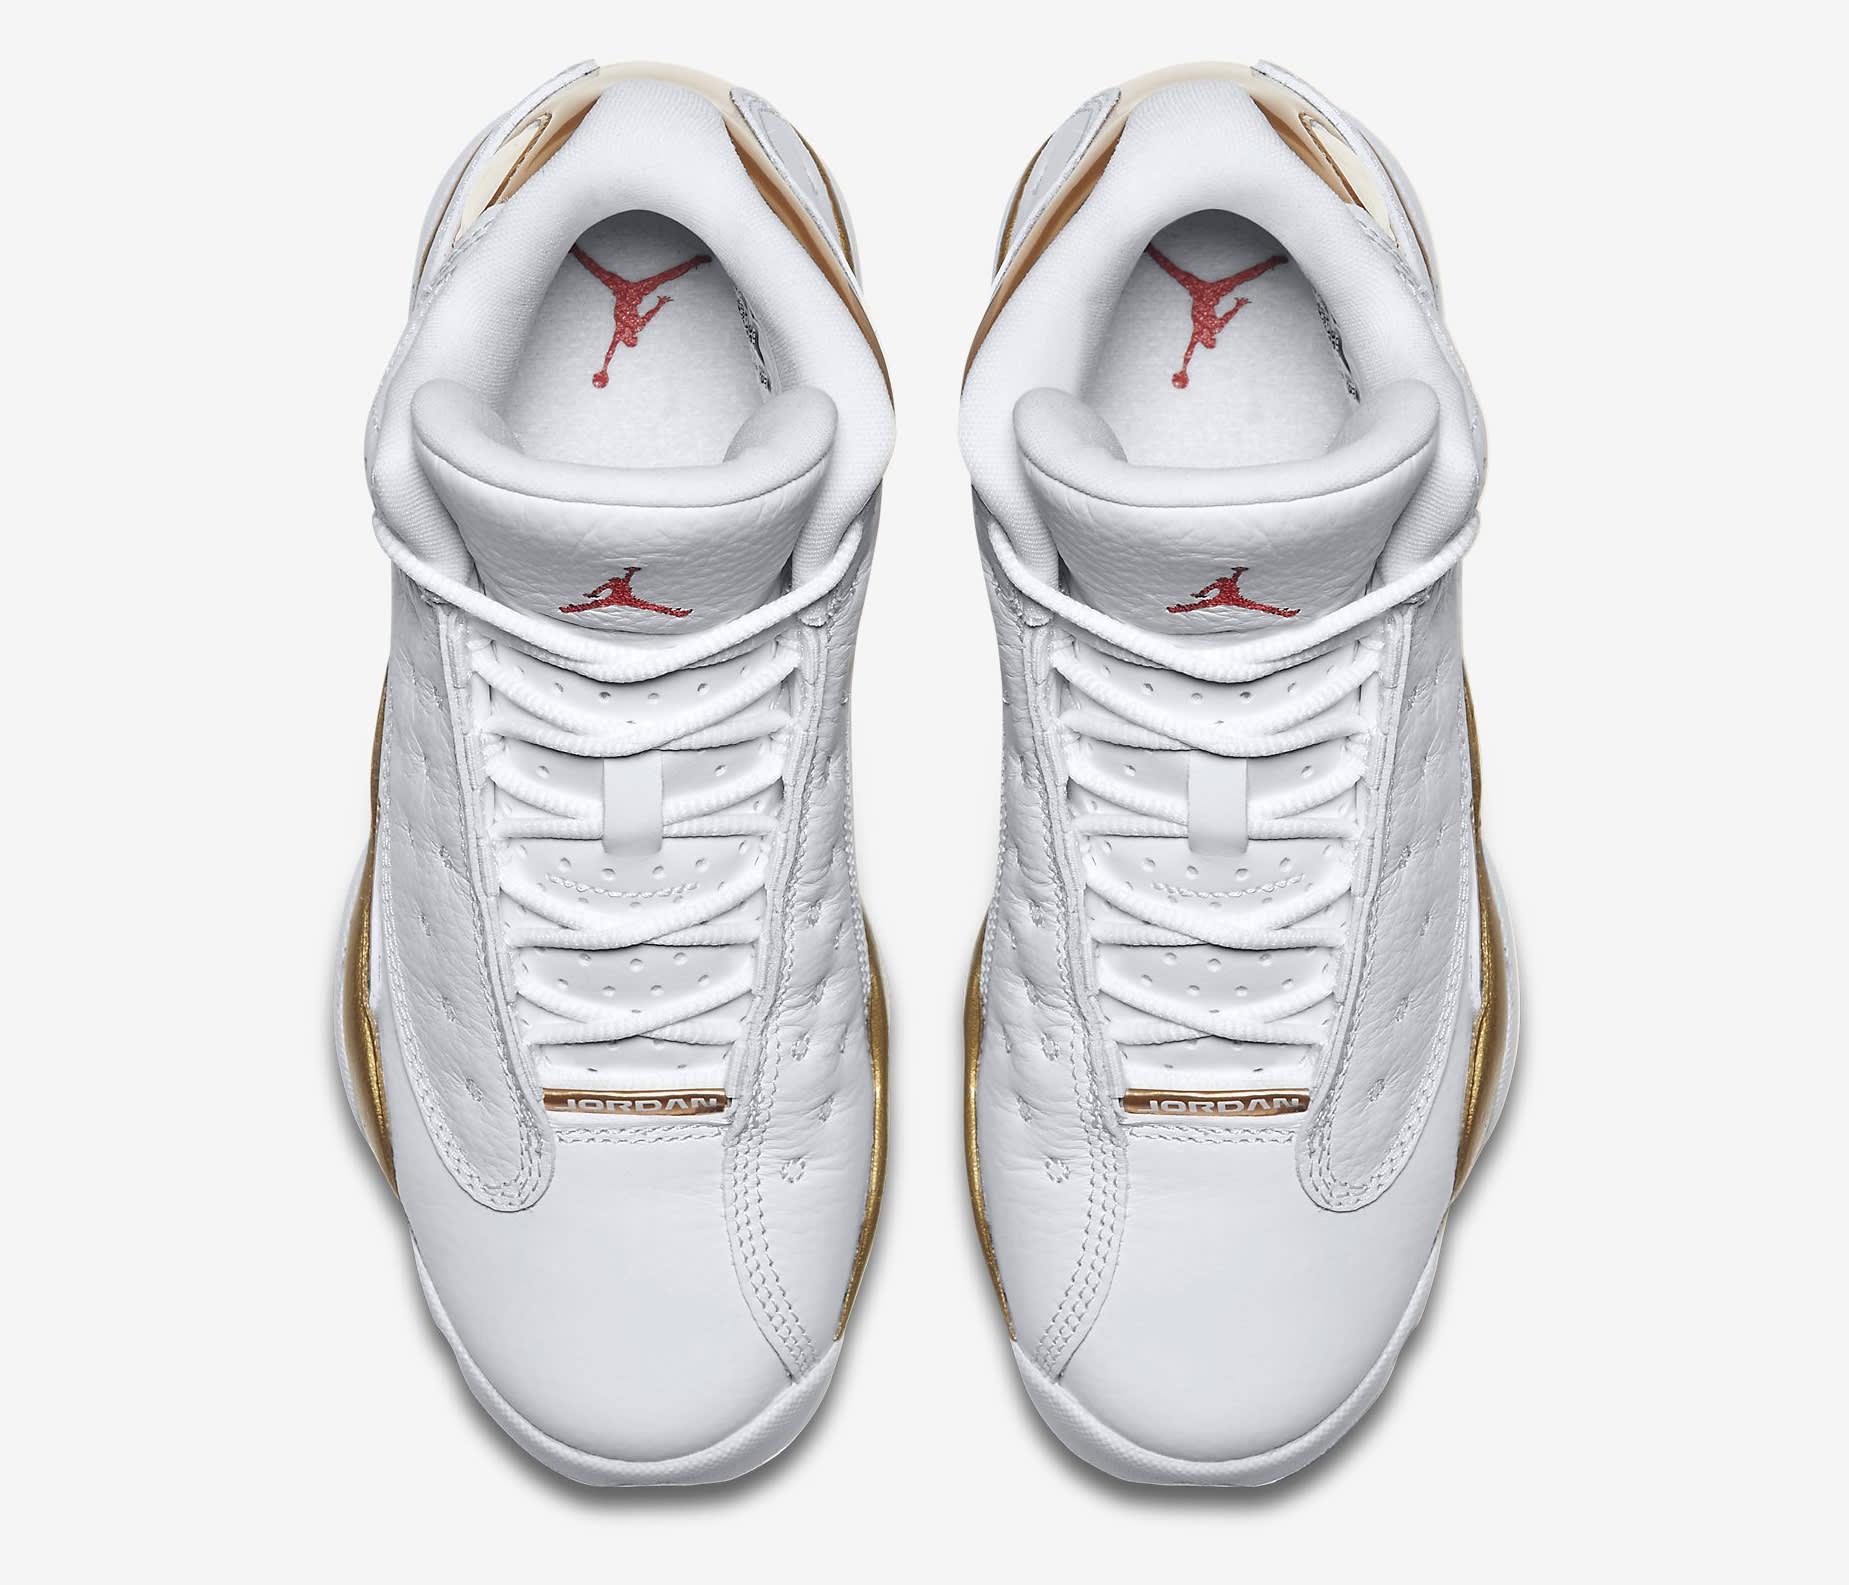 DMP Air Jordan 13 897561-900 Top